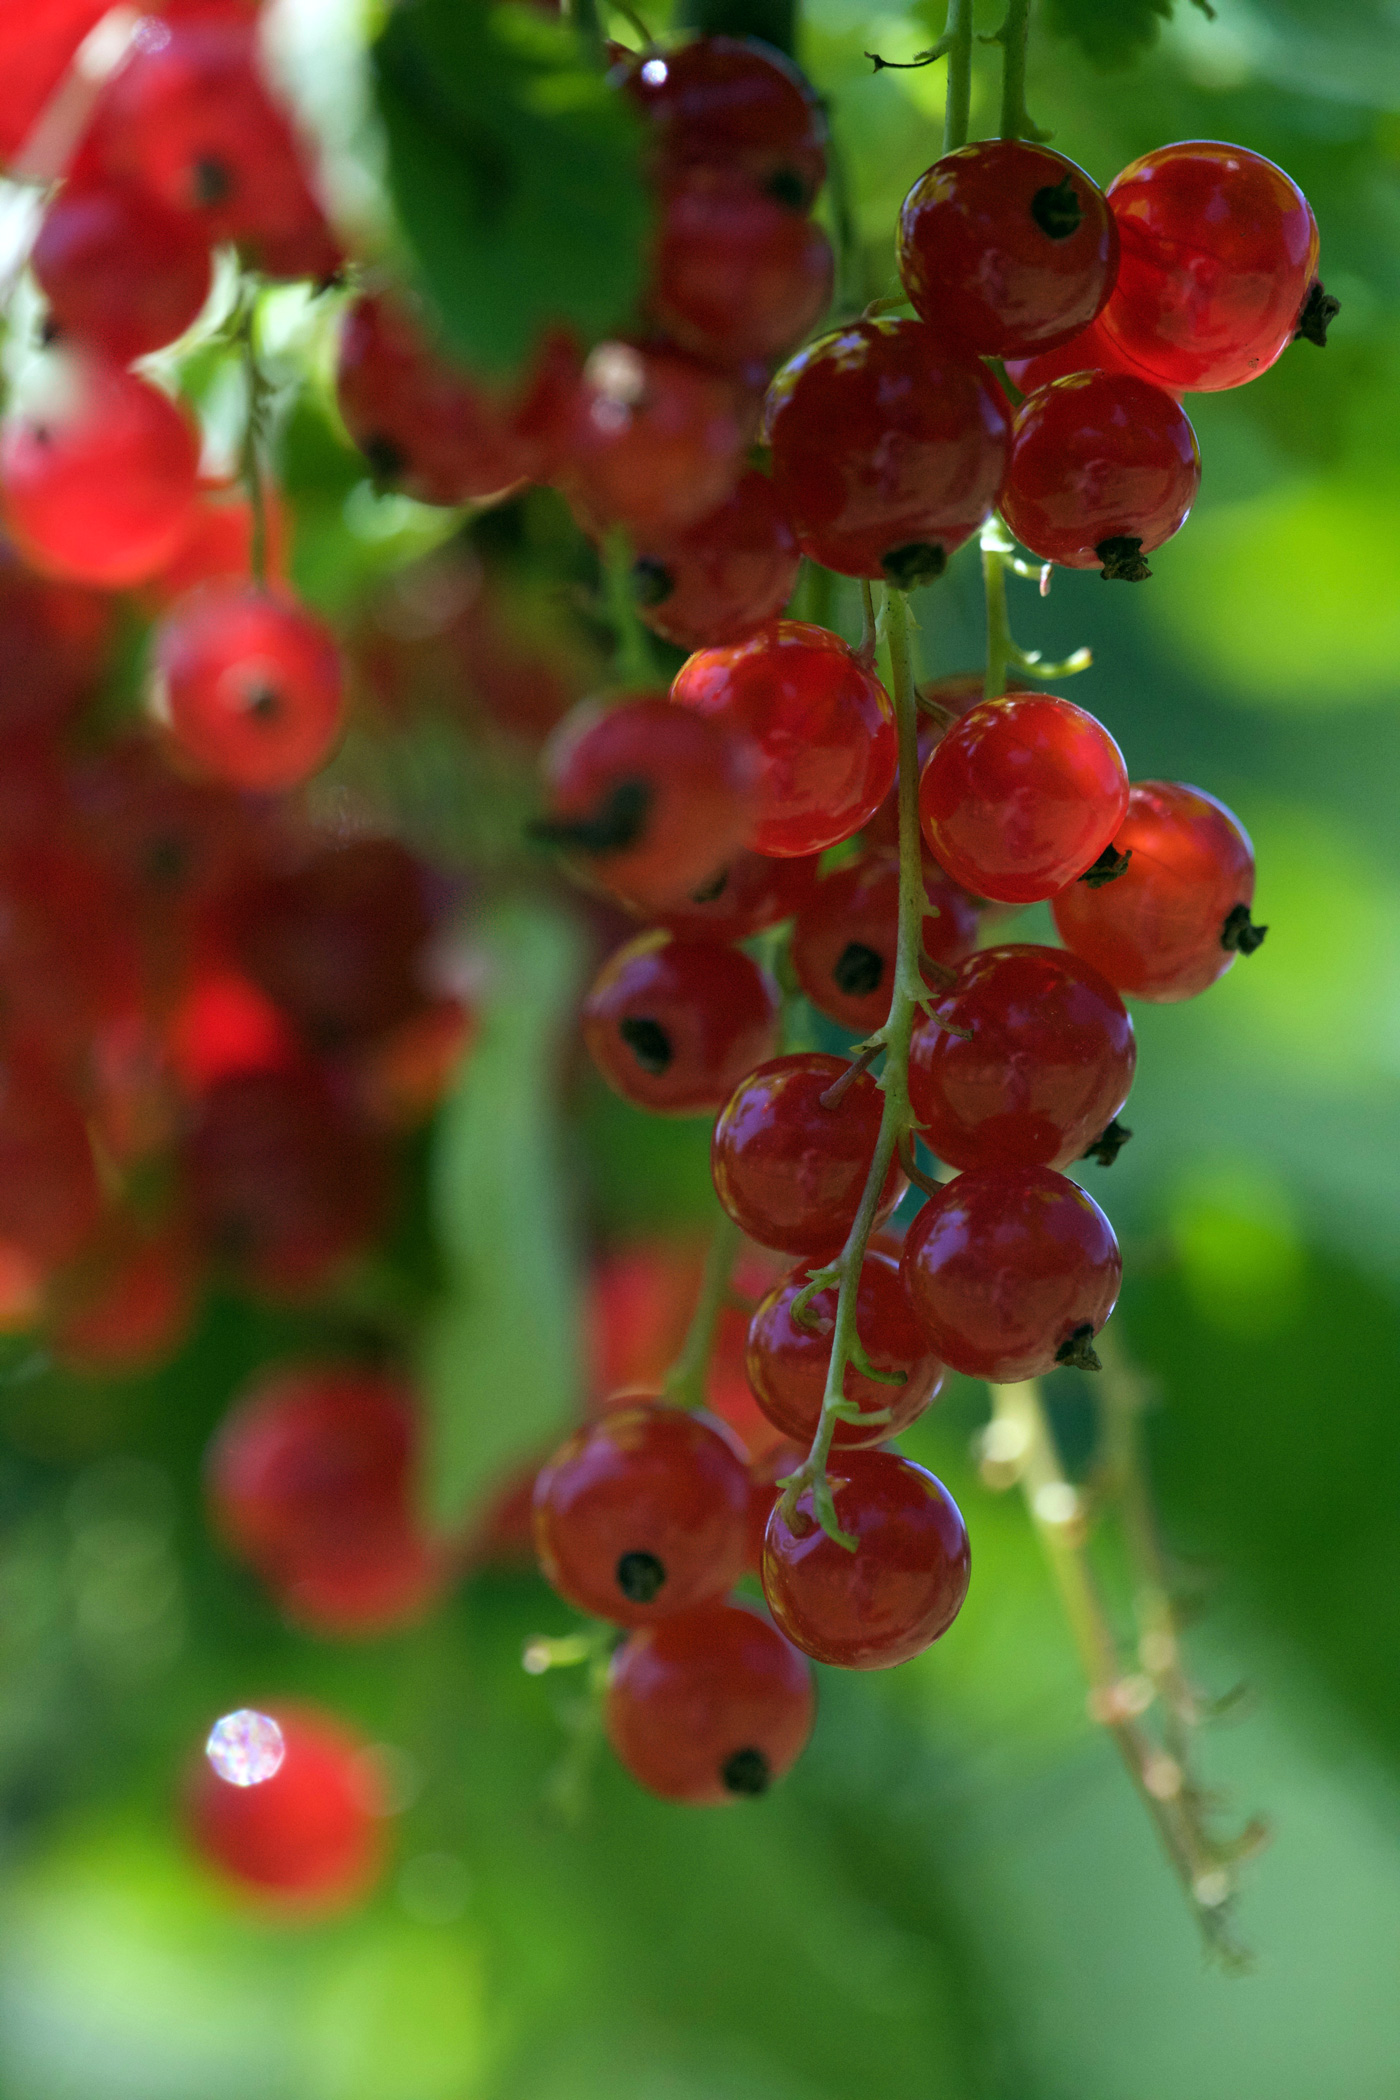 Haupternte bei den späten Erdbeeren, Heidelbeeren und Johannisbeeren